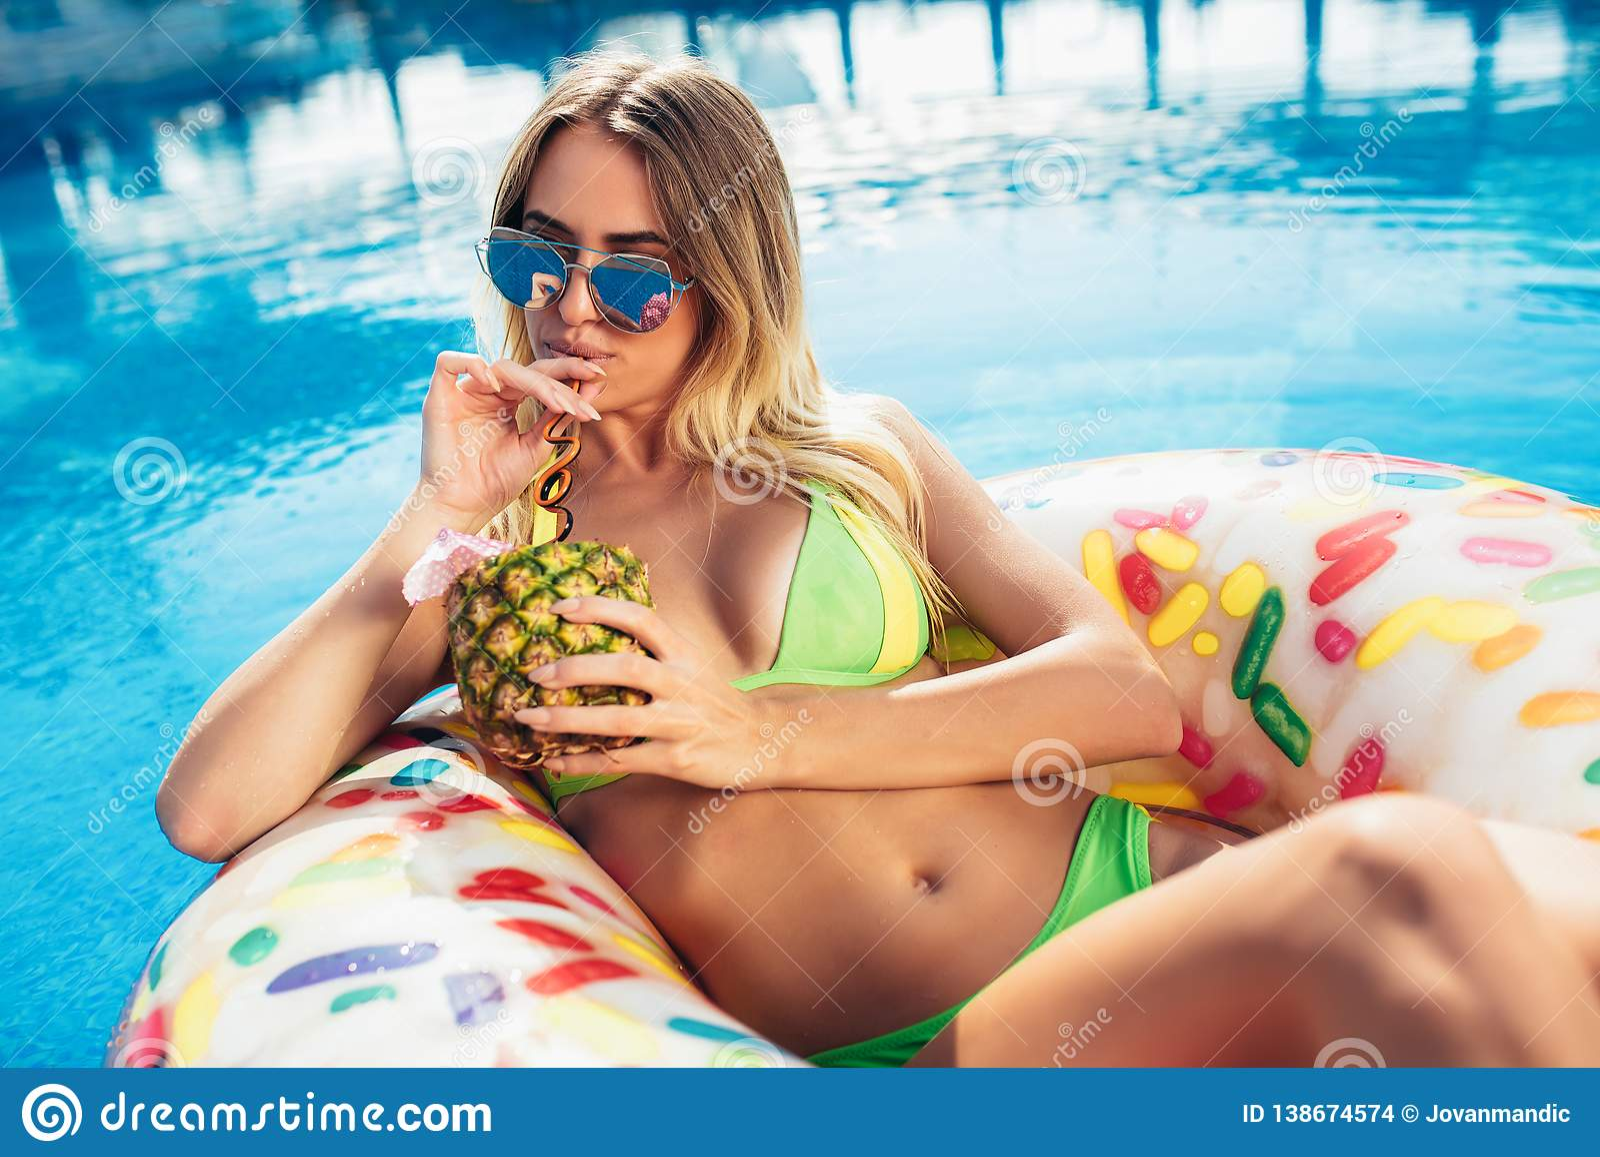 Godere della donna di abbronzatura in bikini sul materasso gonfiabile nella piscina